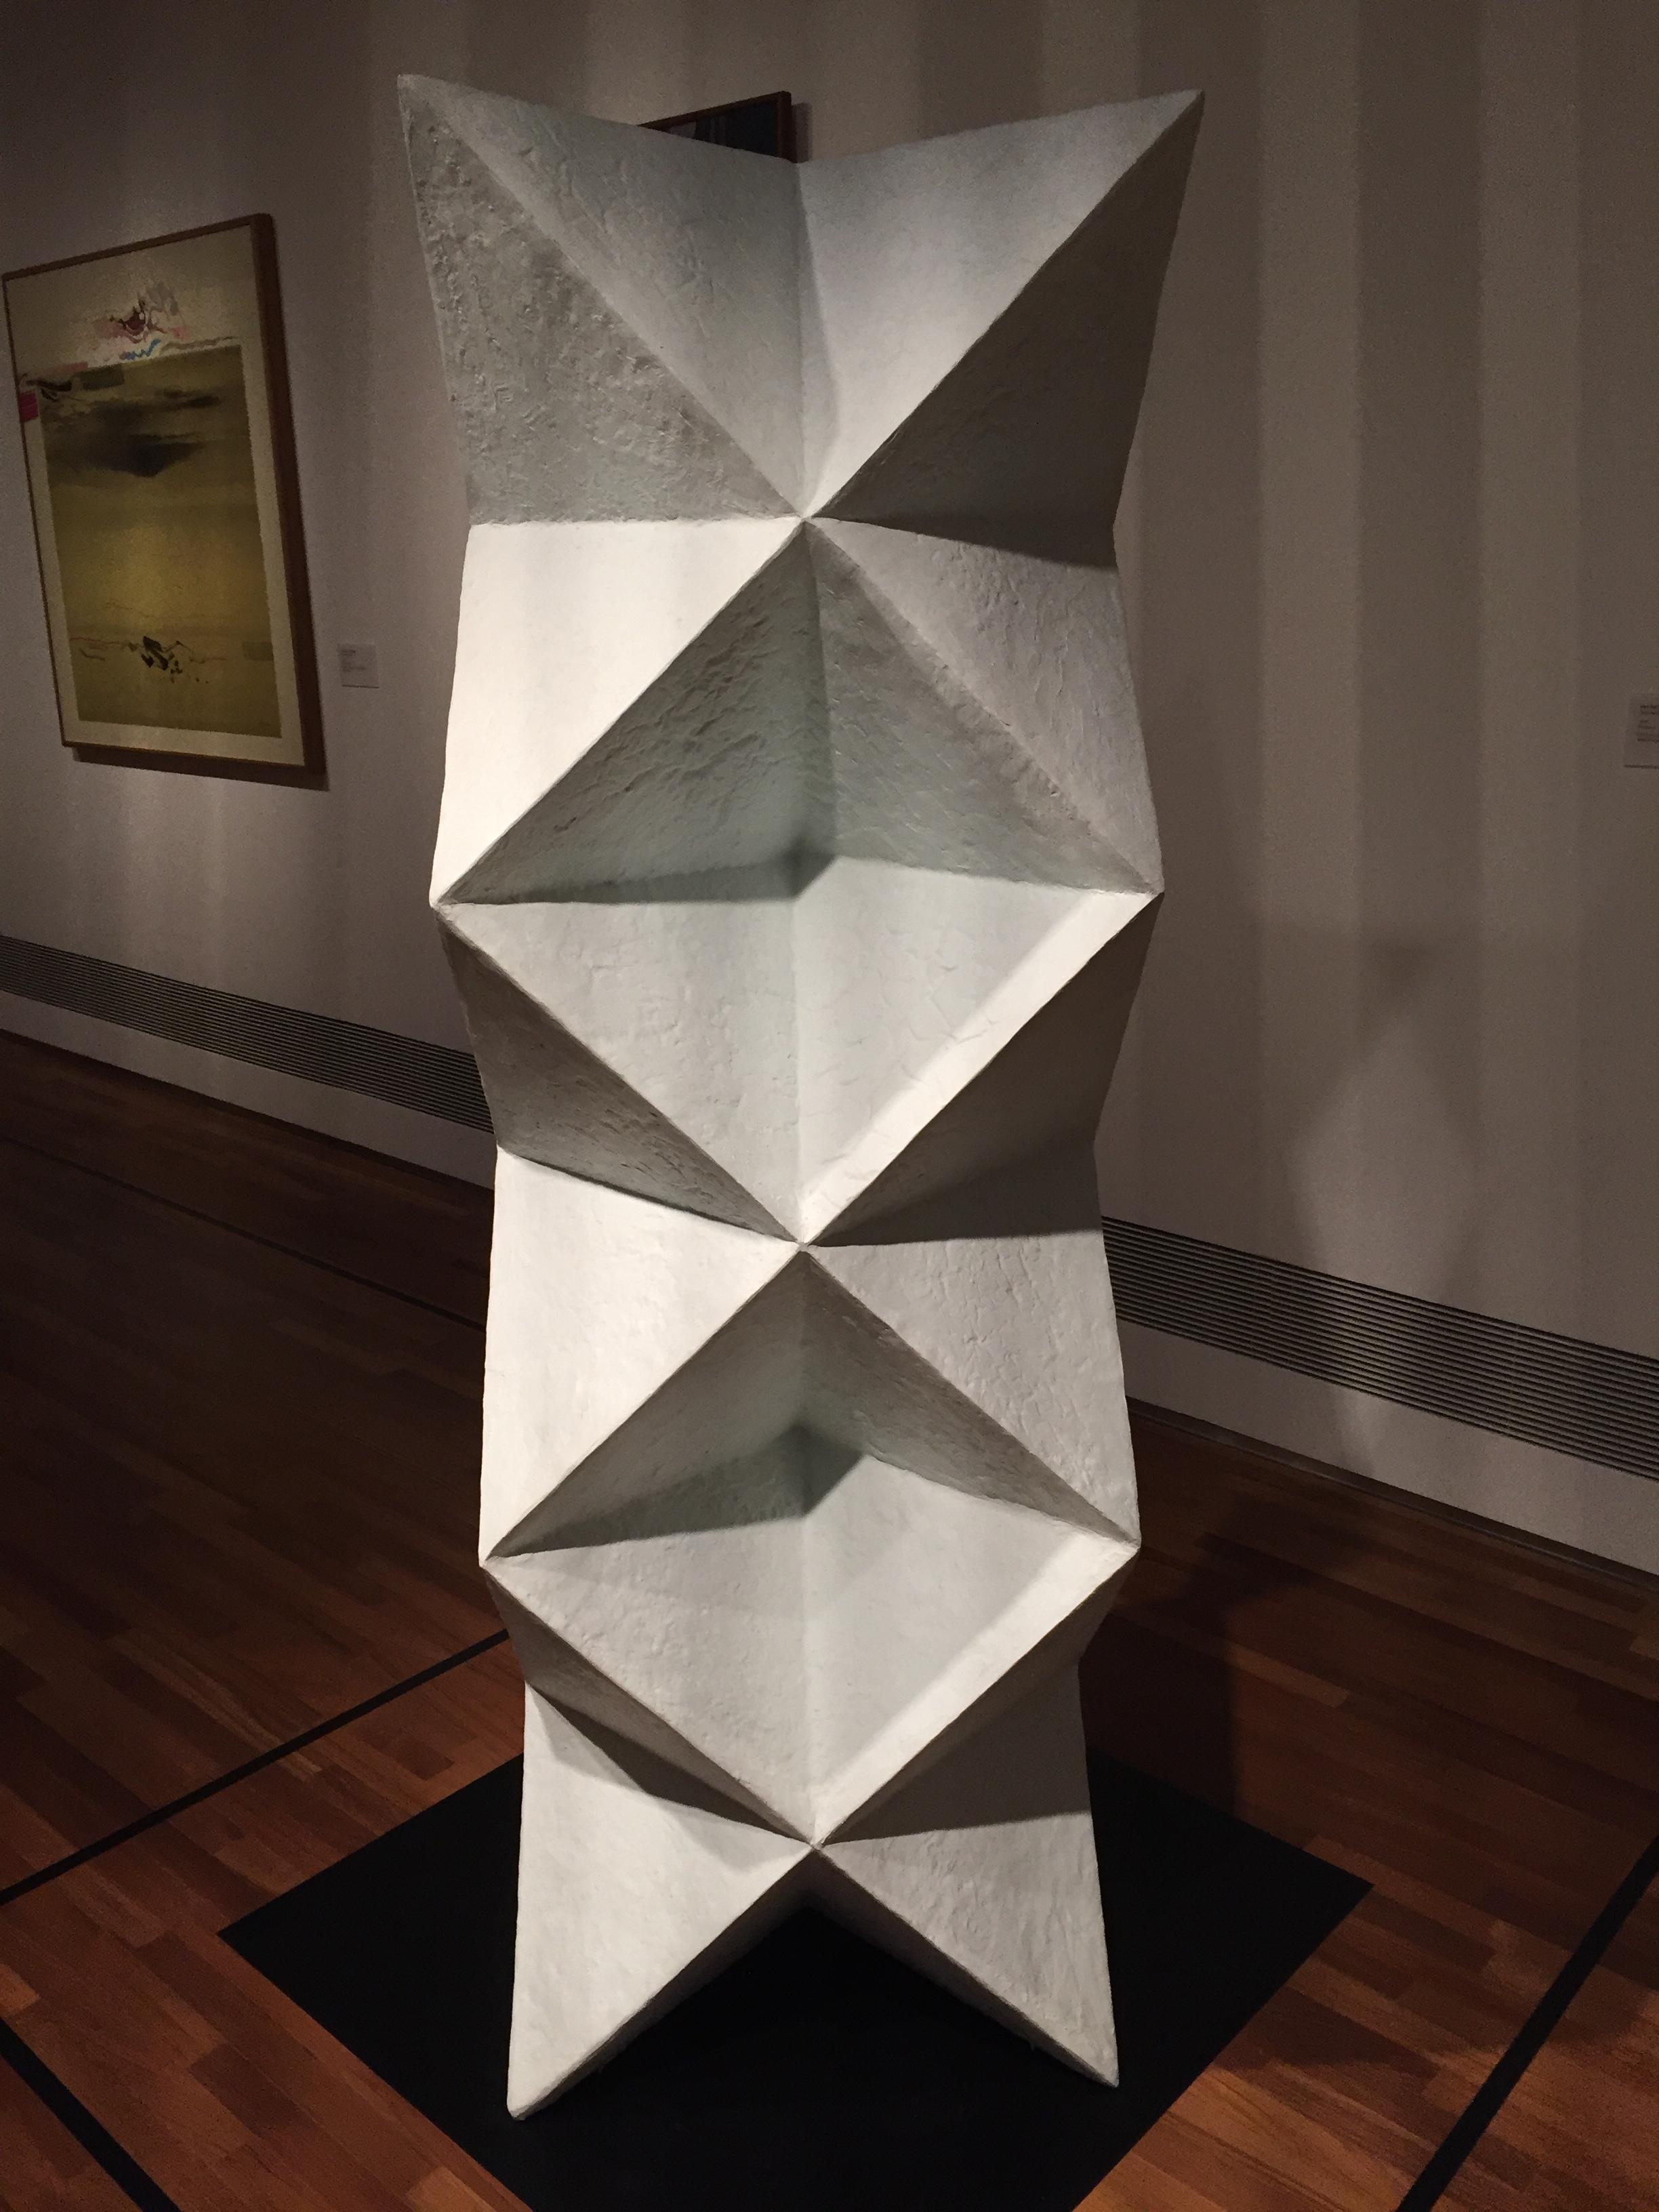 File:Tetrahedron-tetrahedron Interprenetration (1993) by Han Sai Por